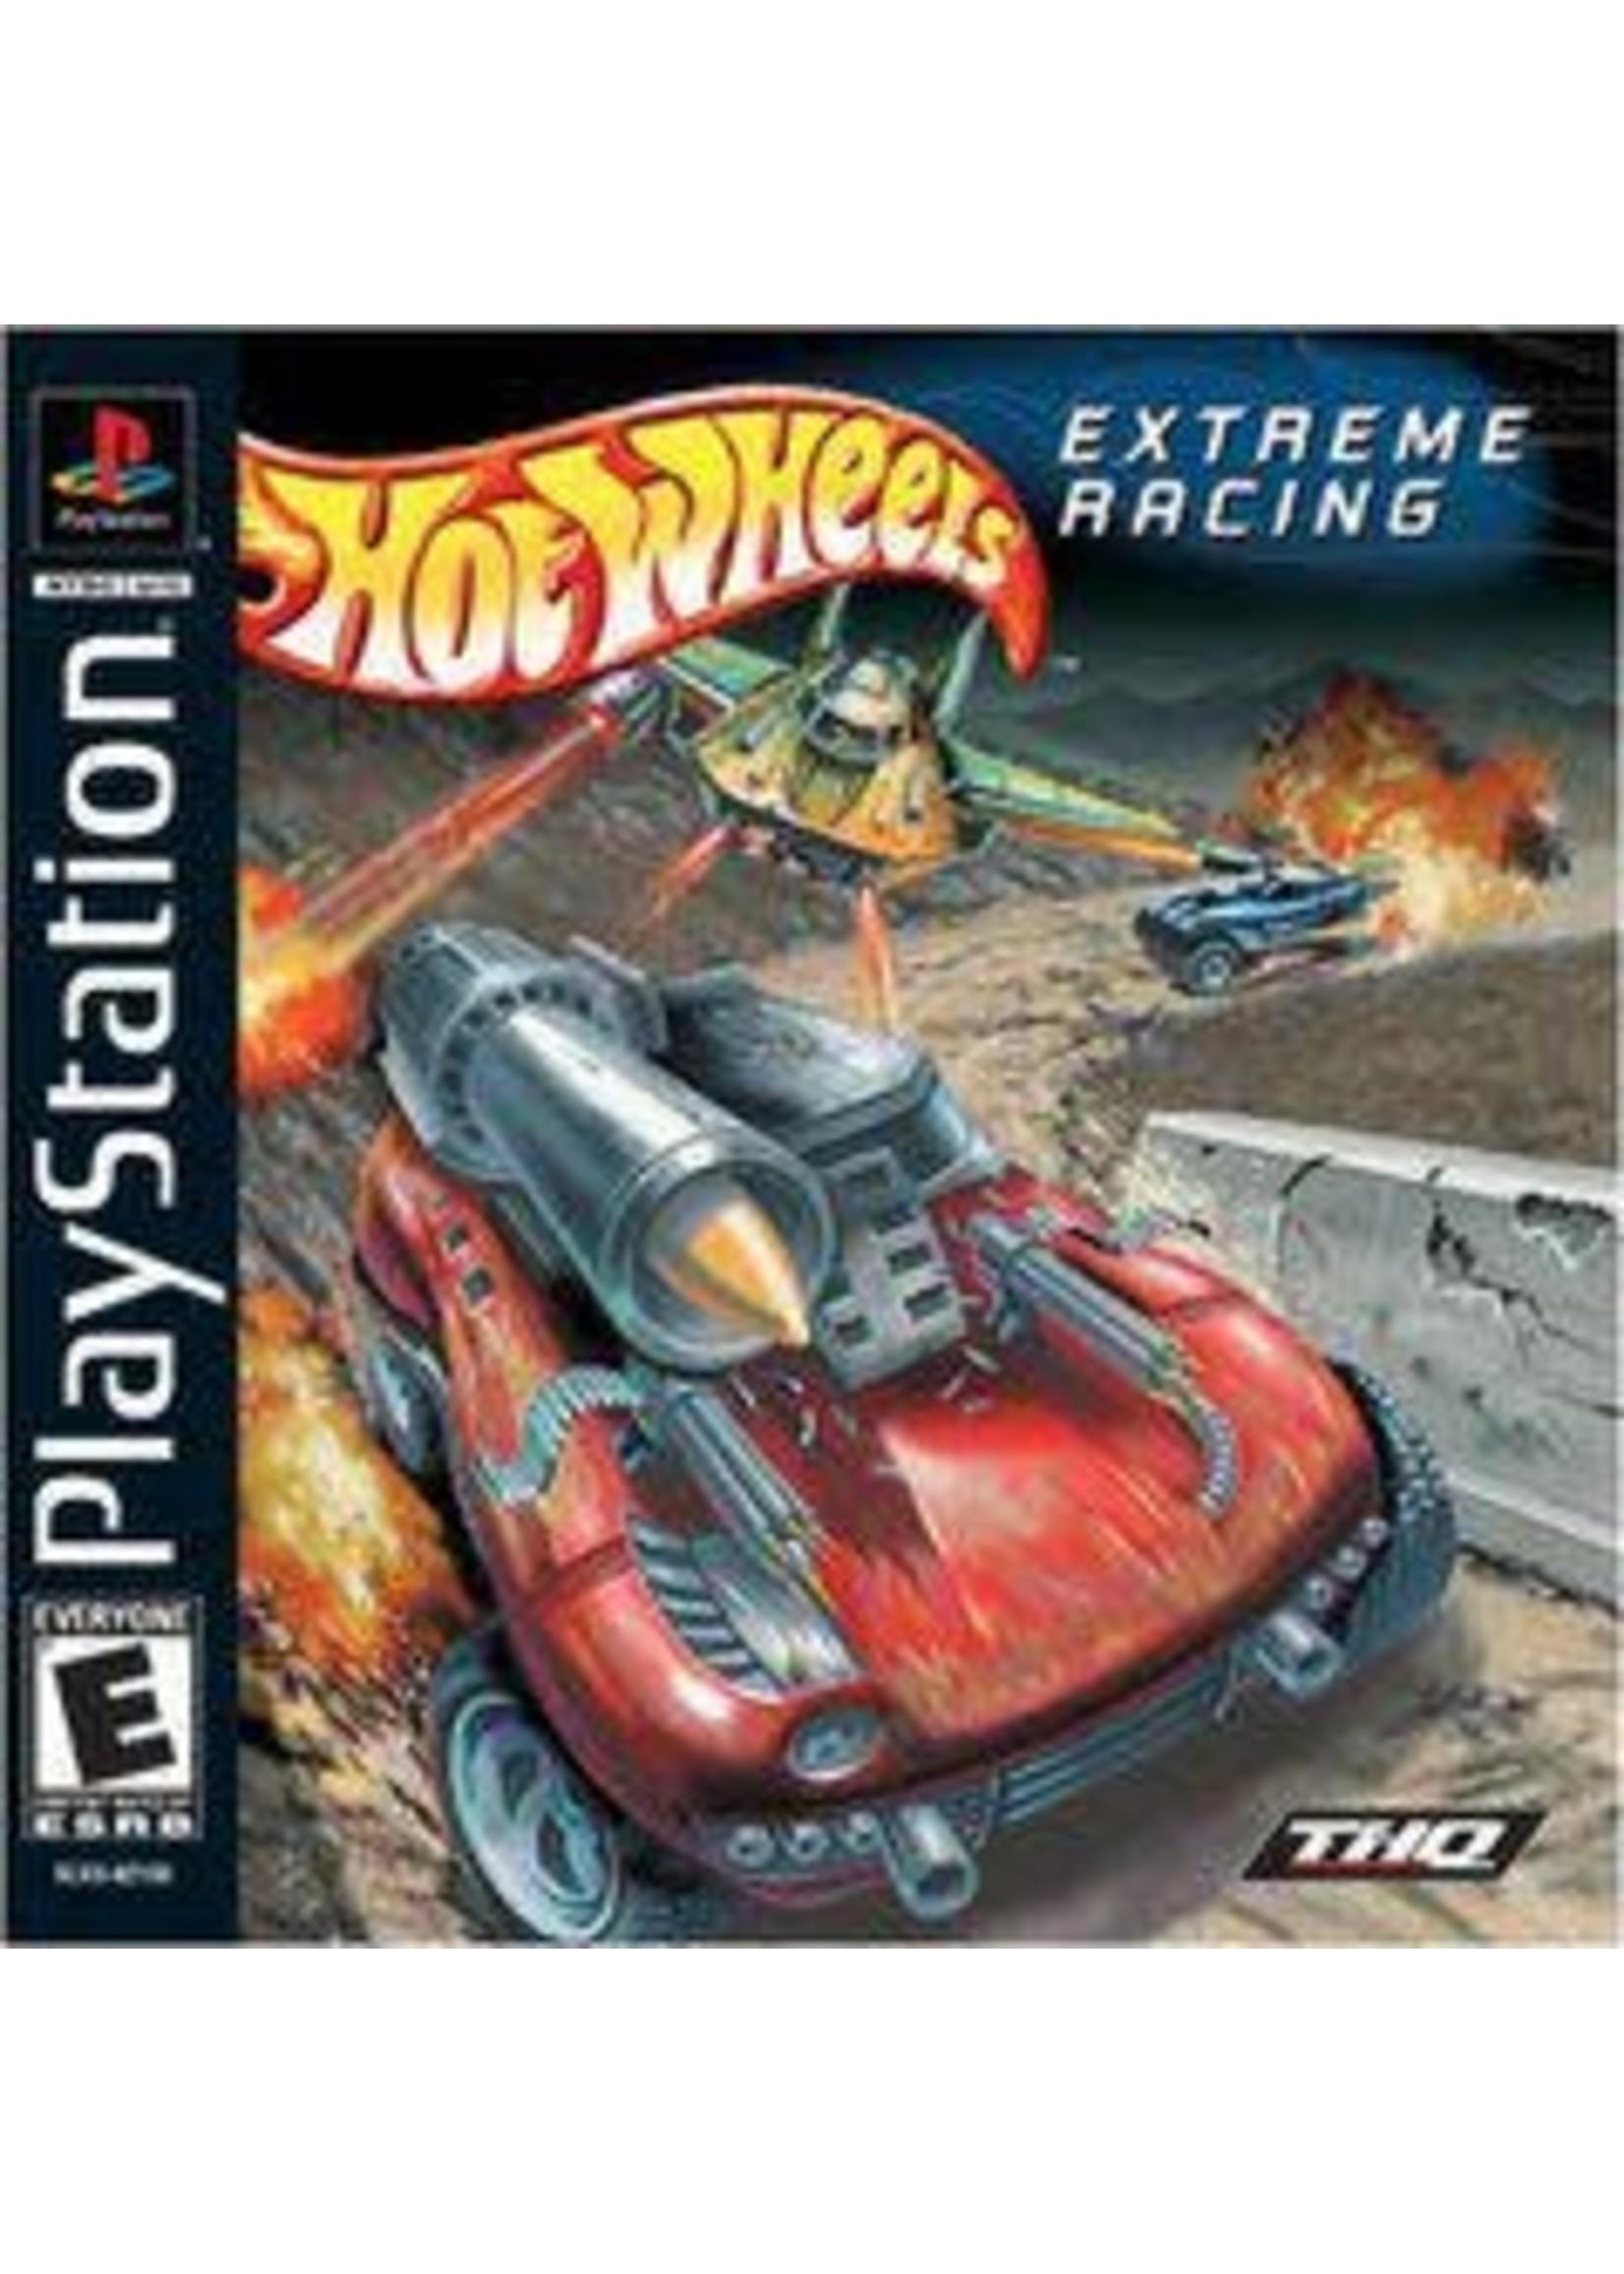 Hot Wheels Extreme Racing Playstation